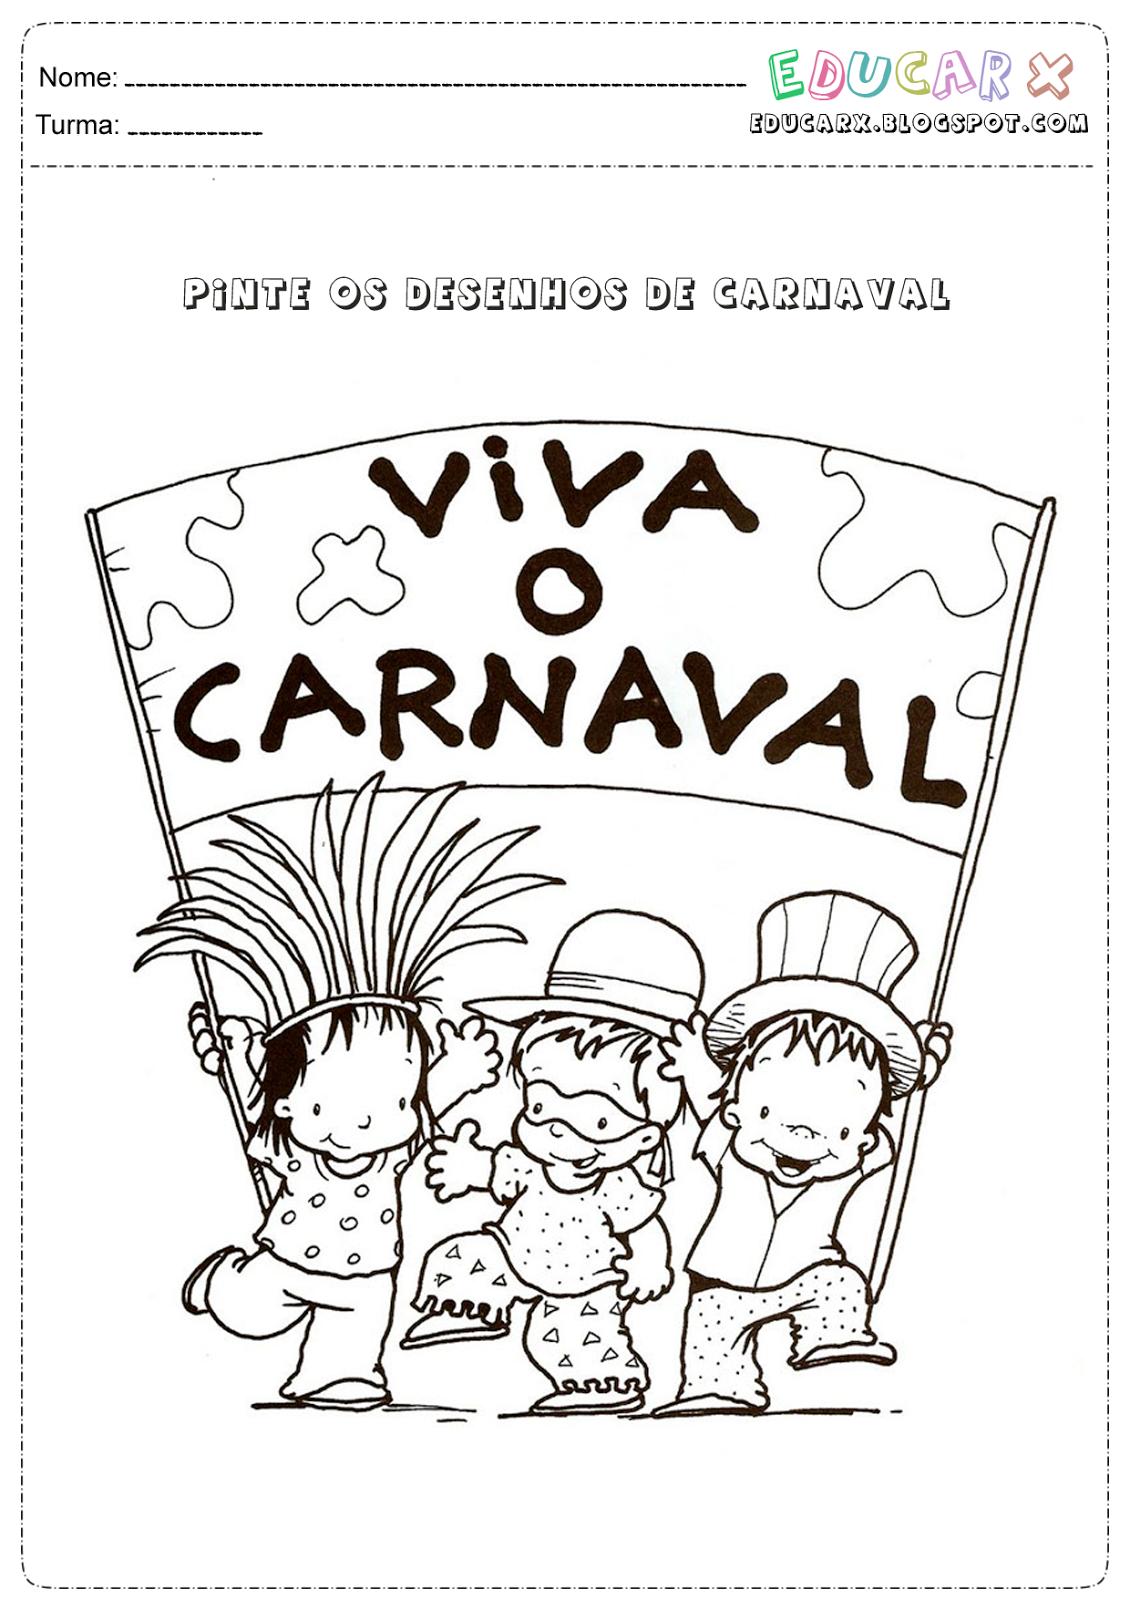 Desenho de carnaval para pintar